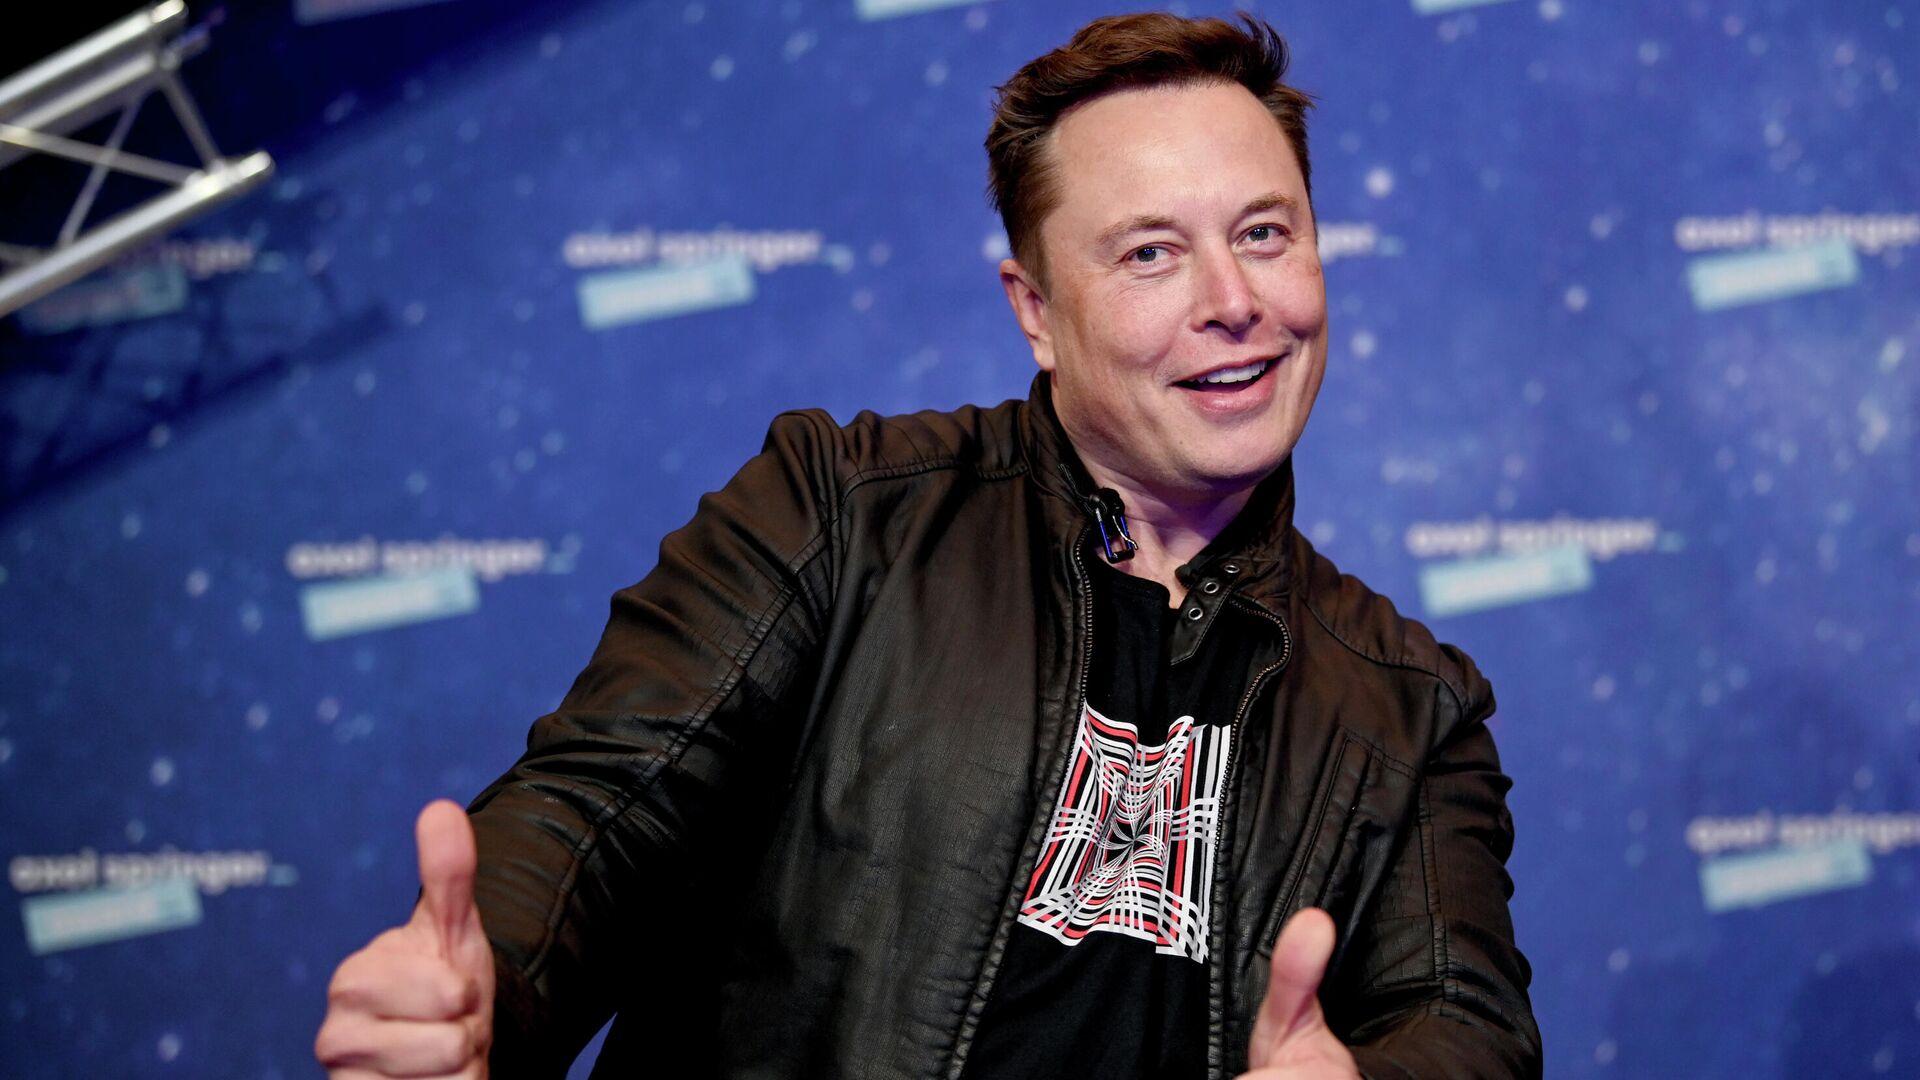 Владелец SpaceX и генеральный директор Tesla Илон Маск - РИА Новости, 1920, 04.02.2021